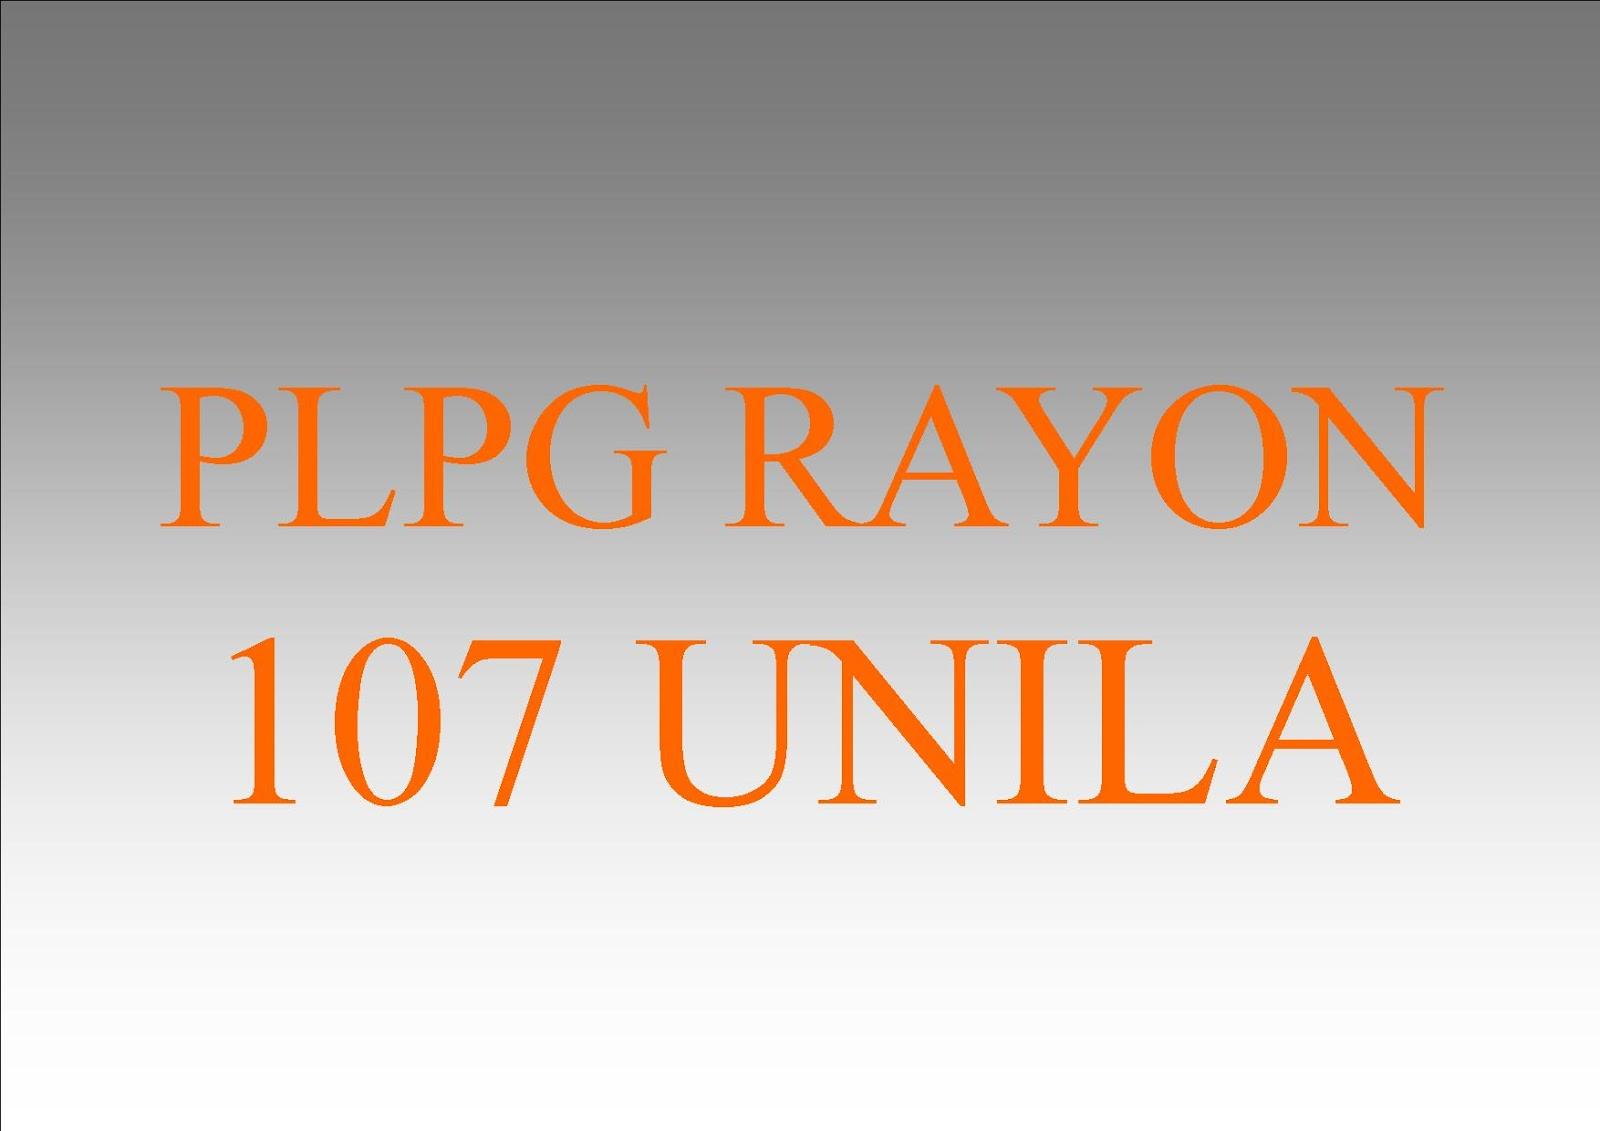 Jadwal dan Daftar Nama Peserta PLPG 2014 Rayon 107 UNILA